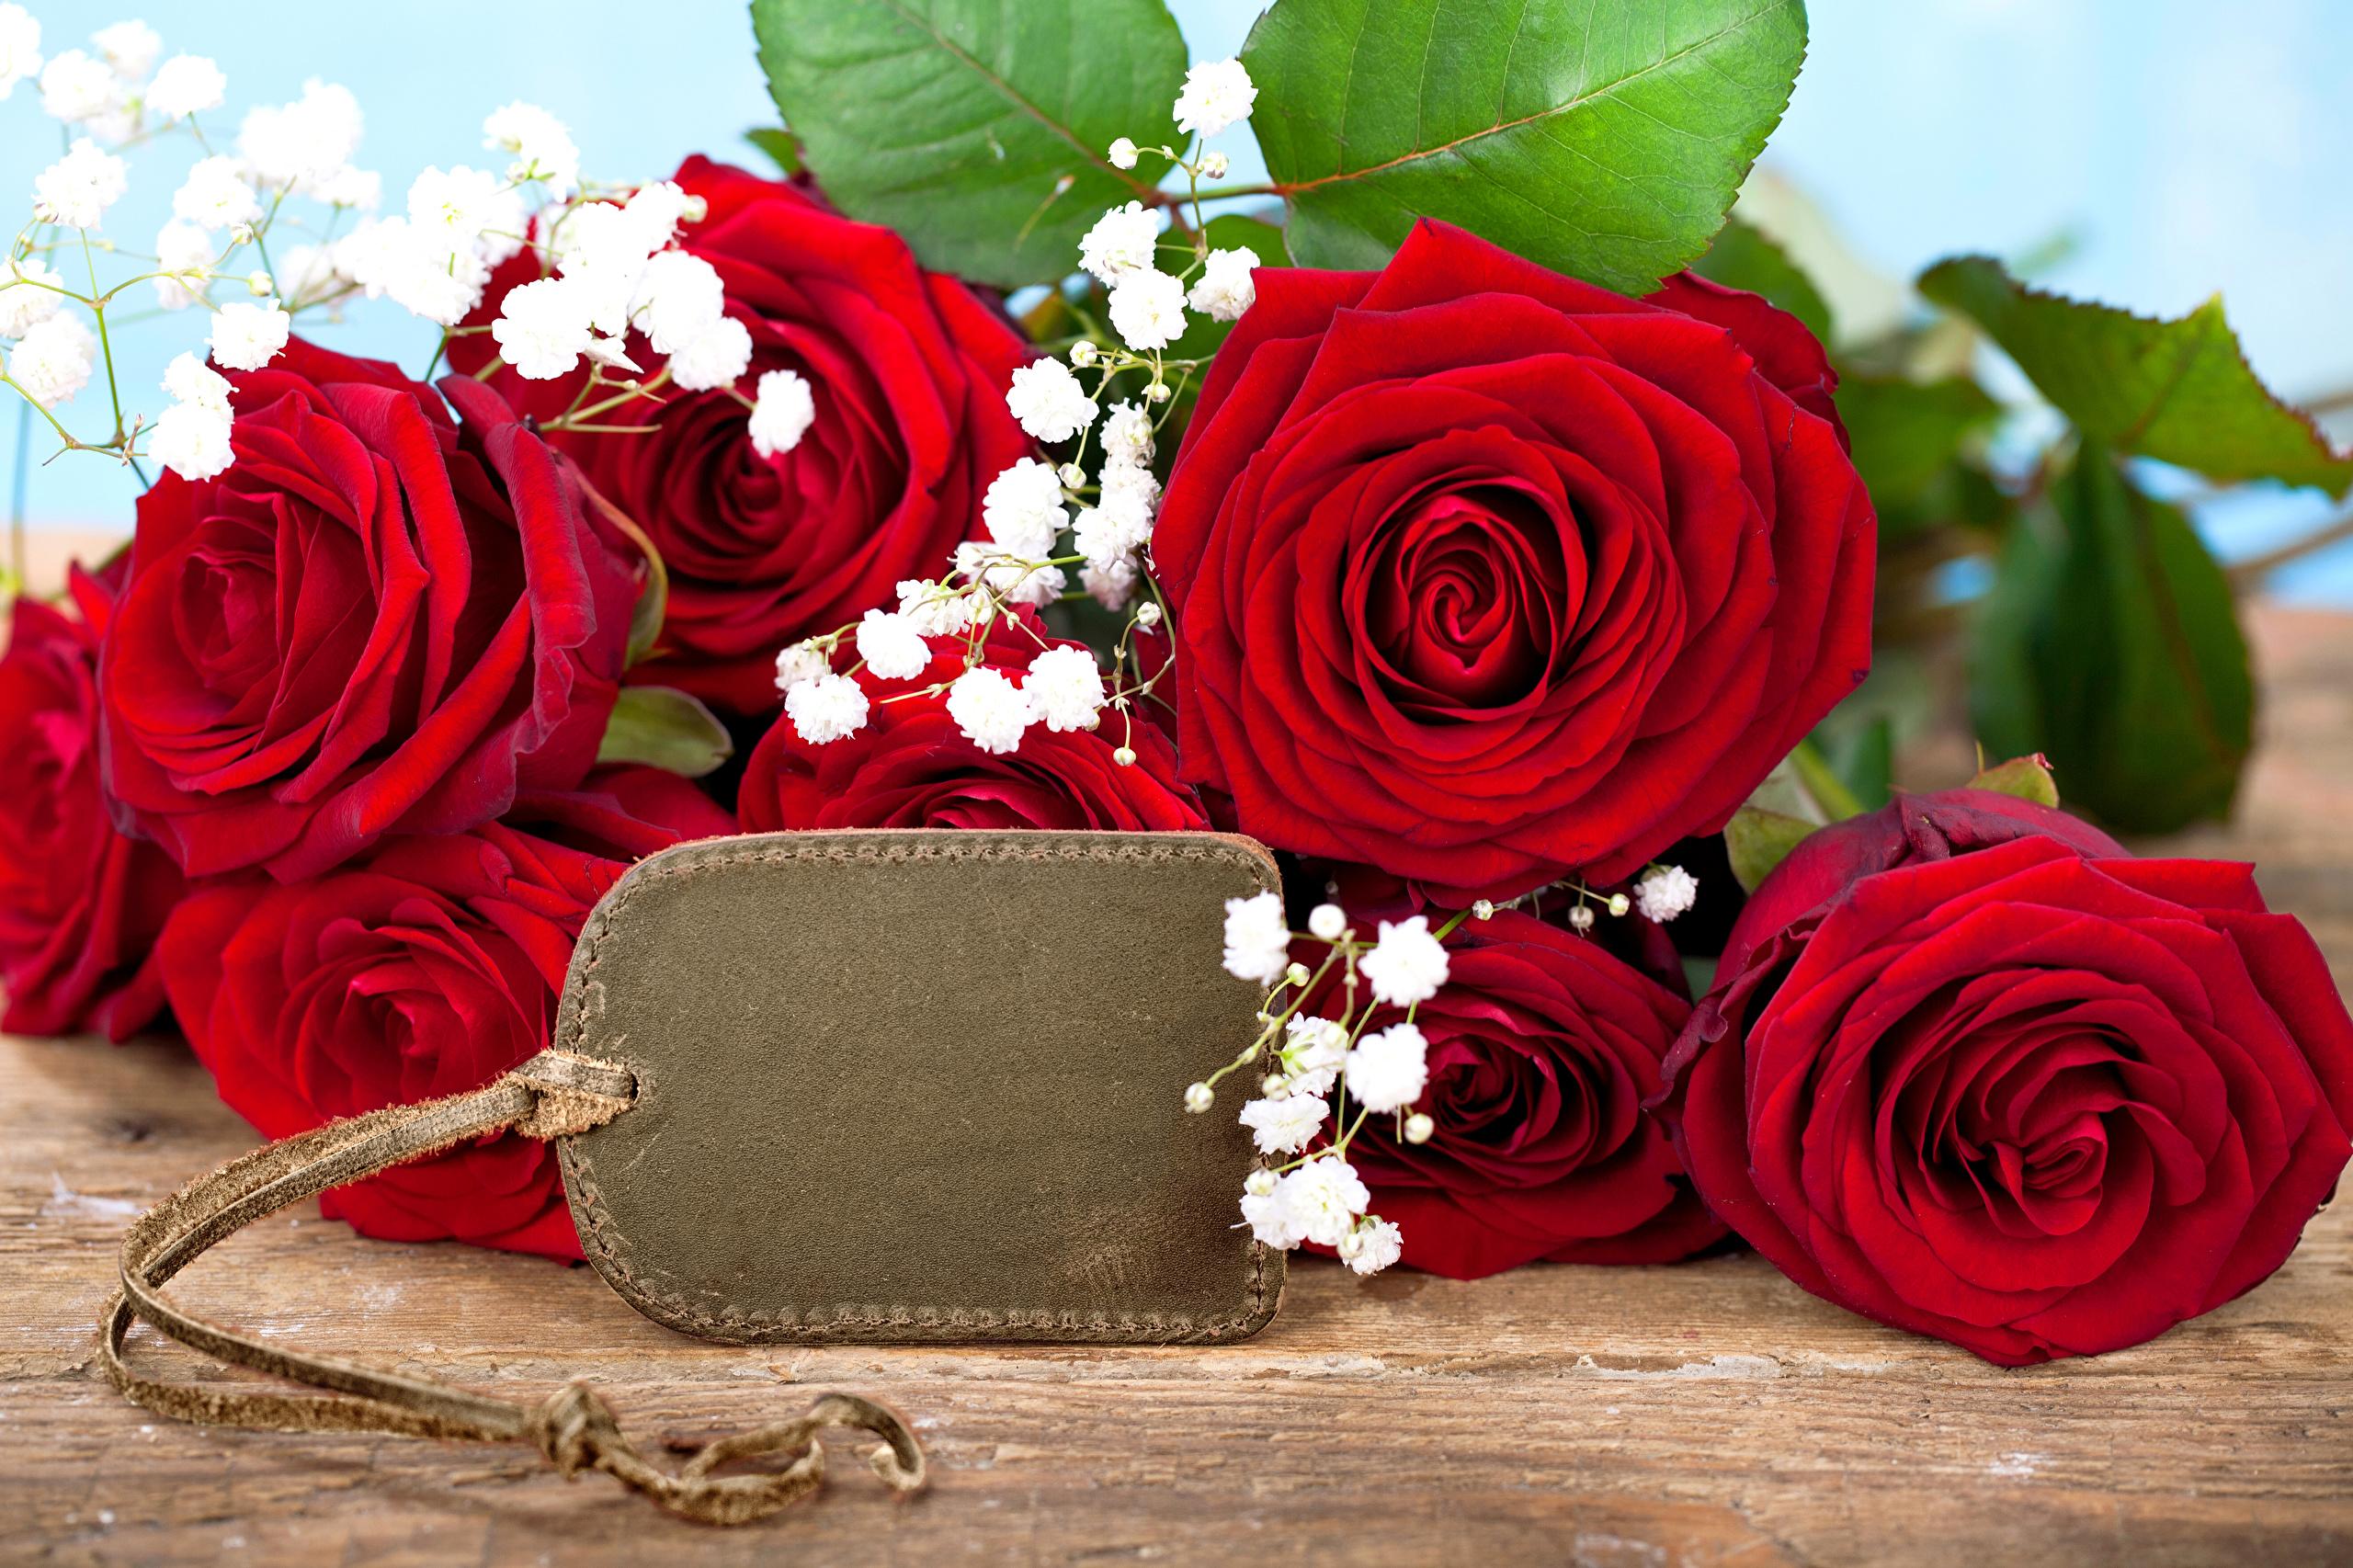 розы,желтые,букет,гипсофила,бутоны  № 761803 загрузить